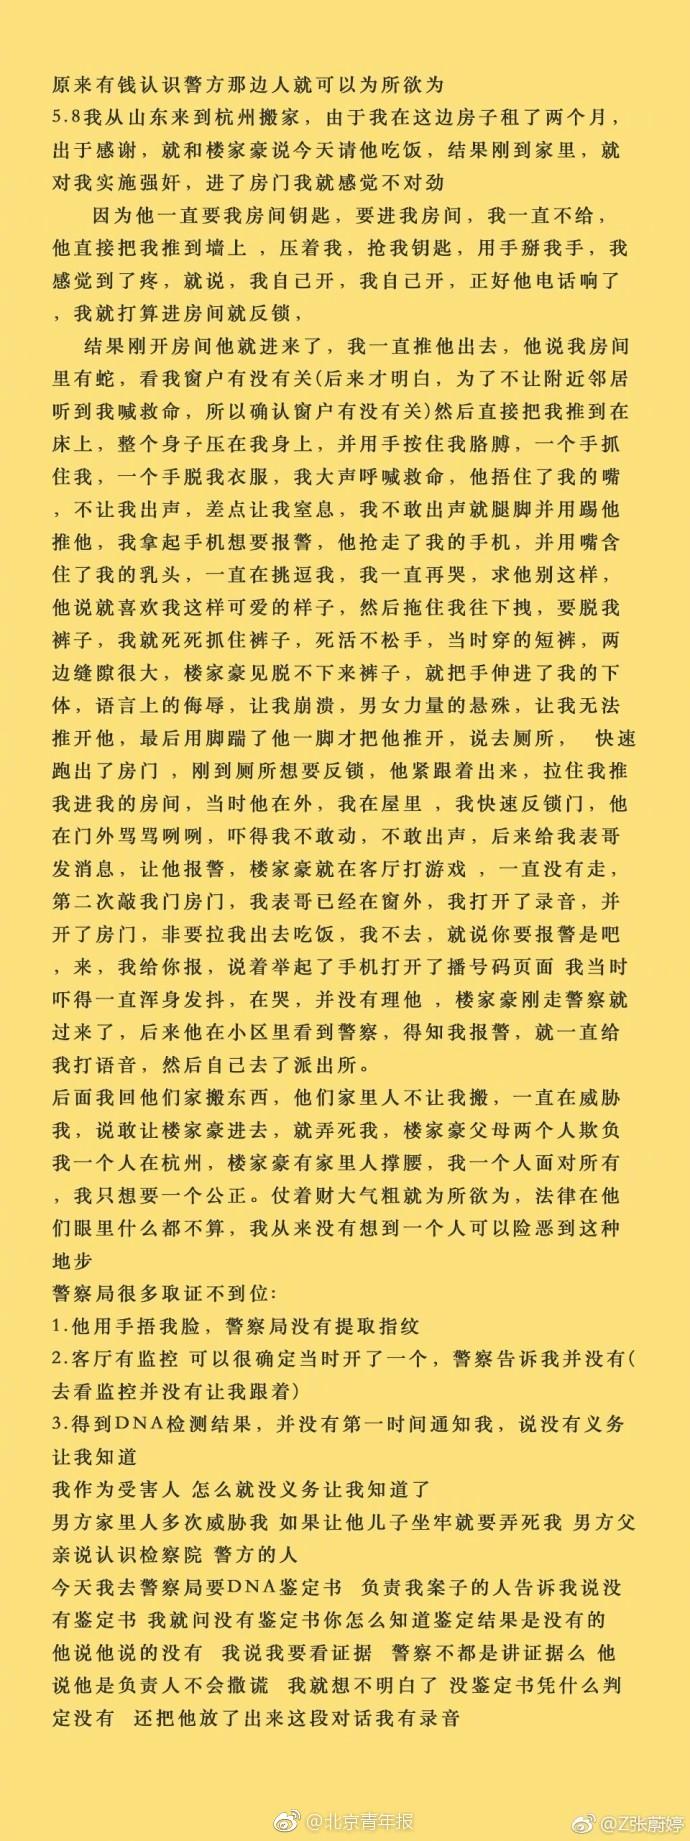 女生称险被房东强奸还遭威胁 杭州警方称将发通报